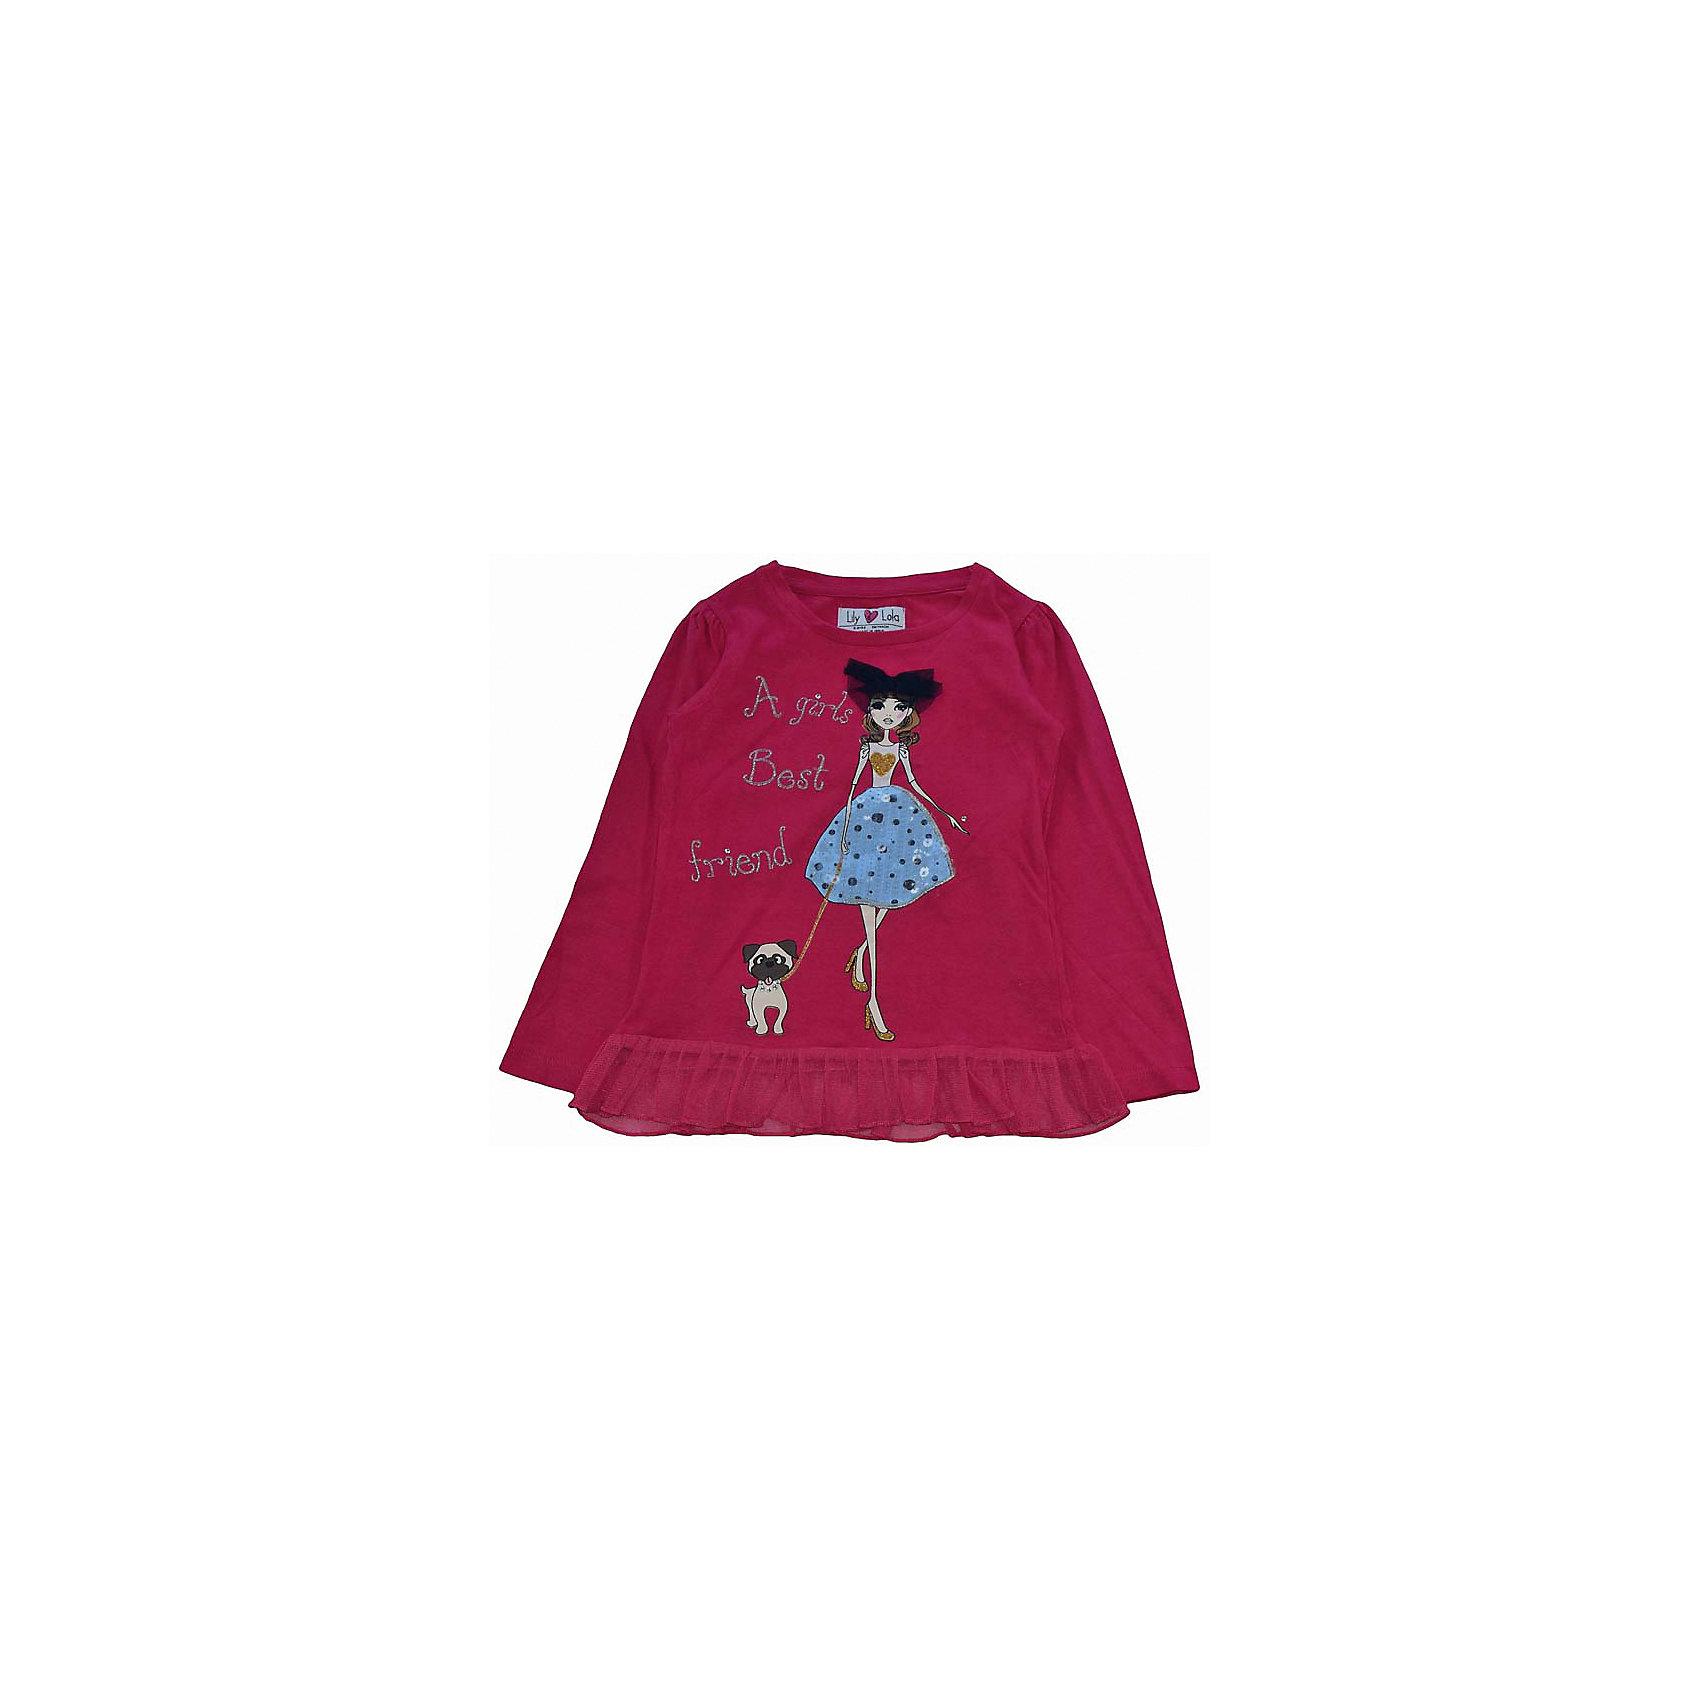 Футболка с длинным рукавом для девочки Lily LolaФутболка с длинным рукавом для девочки от популярной марки  Lily Lola<br><br>Стильная футболка отлично смотрится и с юбками, и с брюками. Она легко надевается, отлично смотрится, не стесняет движения. Материал содержит натуральный хлопок, гипоаллергенный, дышащий и приятный на ощупь.<br><br>Особенности модели:<br><br>- материал - трикотаж;<br>- цвет: красный;<br>- принт - девочка с собакой, с пайетками и стразами;<br>- рукава присборены;<br>- низ декорирован оборкой из органзы;<br>- круглый горловой вырез.<br><br>Дополнительная информация:<br><br>Состав: 100% хлопок<br><br>Уход за изделием:<br>стирка в машине при температуре до 30°С,<br>не отбеливать.<br><br>Футболку с длинным рукавом для девочки от  Lily Lola (Лили Лола) можно купить в нашем магазине<br><br>Ширина мм: 190<br>Глубина мм: 74<br>Высота мм: 229<br>Вес г: 236<br>Цвет: красный<br>Возраст от месяцев: 72<br>Возраст до месяцев: 84<br>Пол: Женский<br>Возраст: Детский<br>Размер: 122/128,104/110,98/104,110/116<br>SKU: 4263314